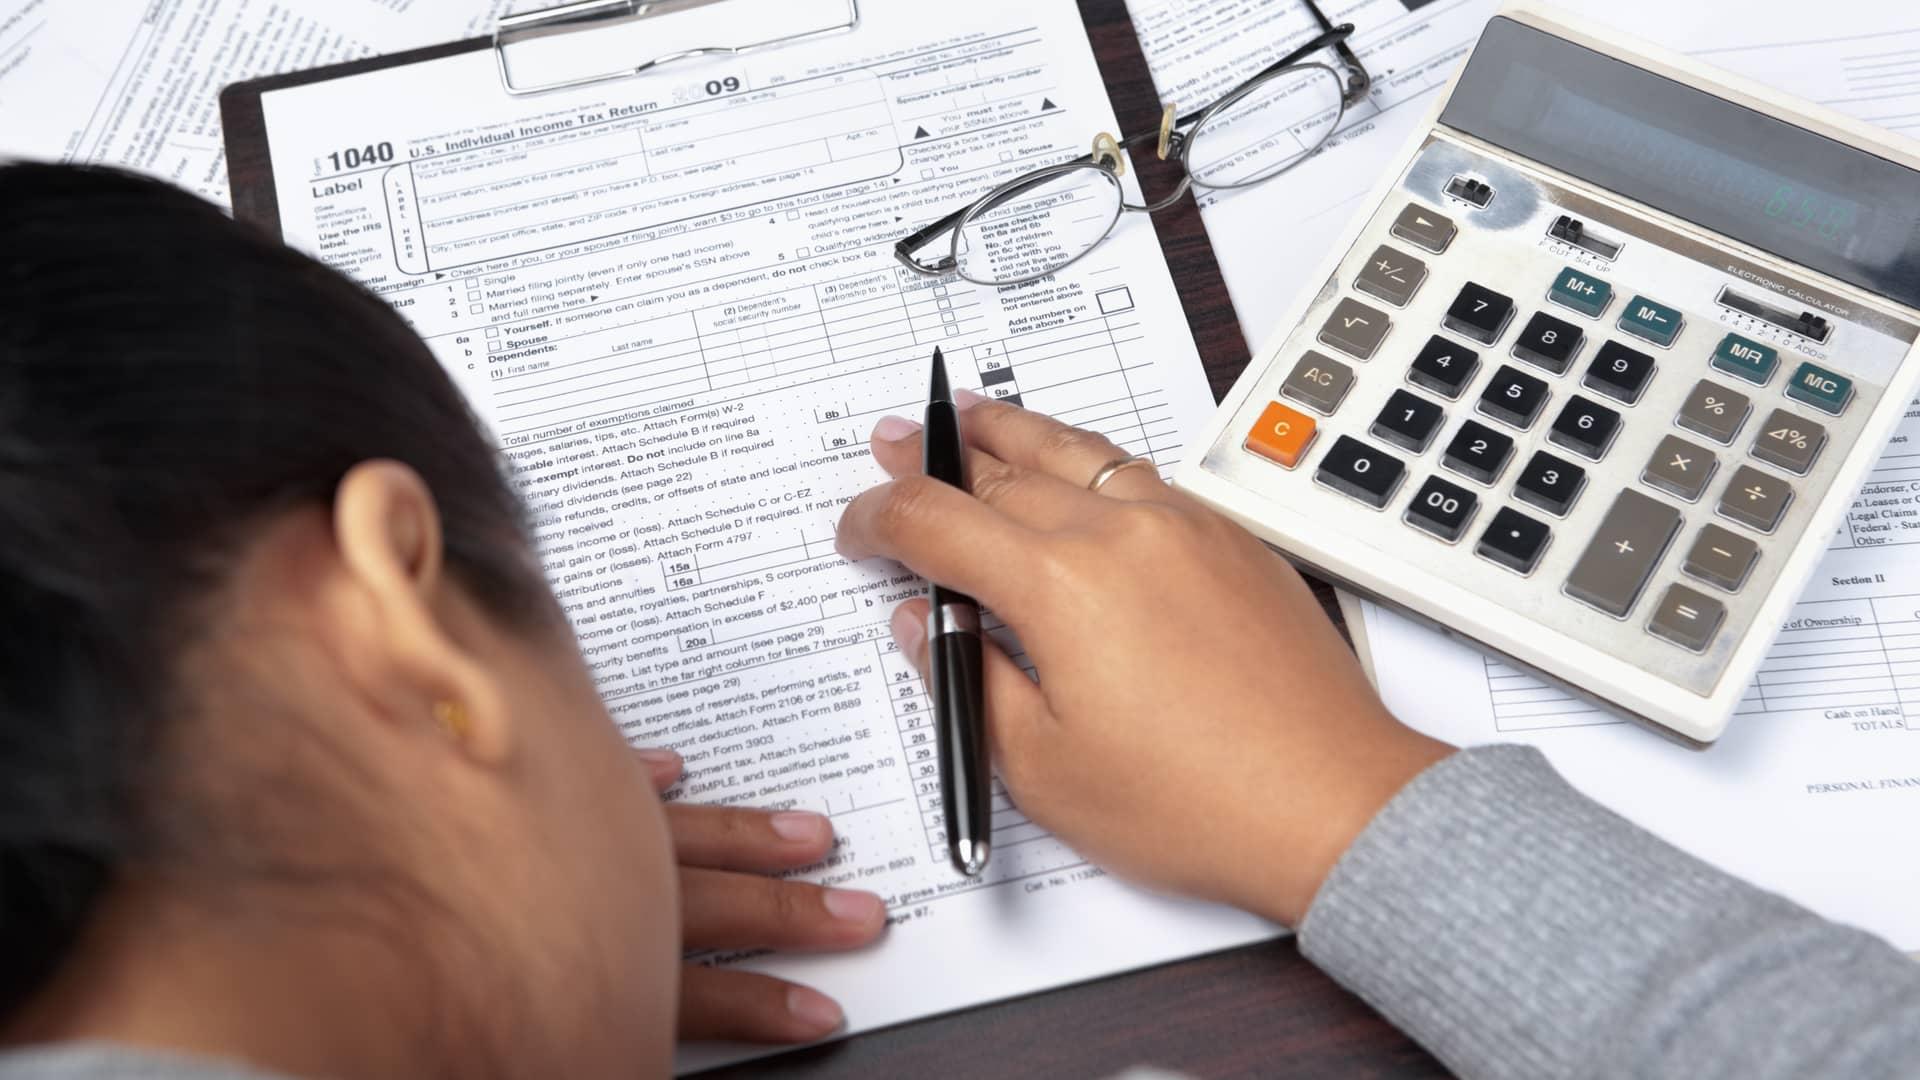 Hacienda criptomonedas: ¿hay que declararlas? ¿cuándo y cómo?